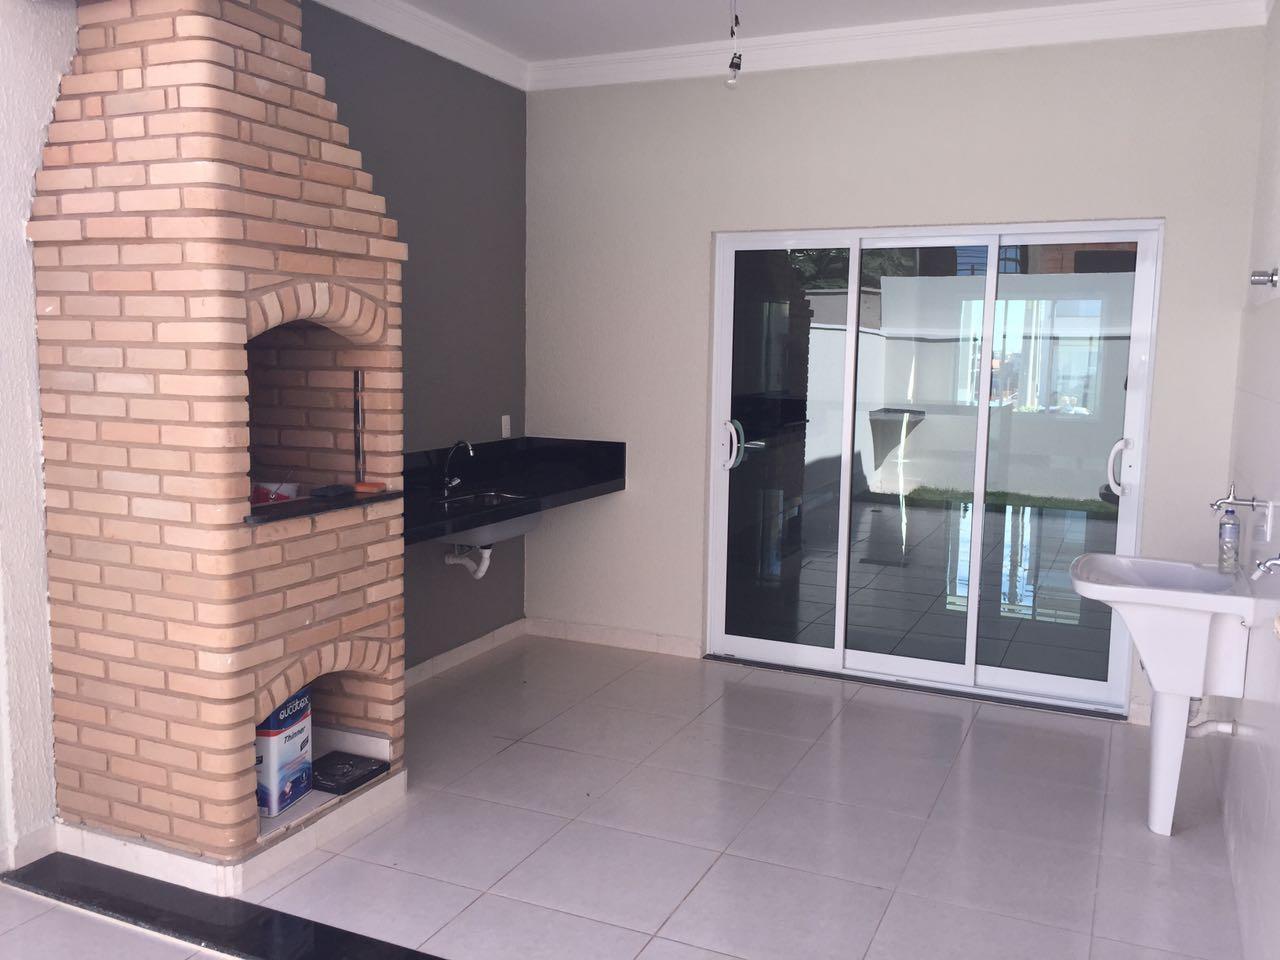 Casa com 3 dormitórios à venda, 145 m² por R$ 551.200 - Parque Hortolândia - Hortolândia/SP